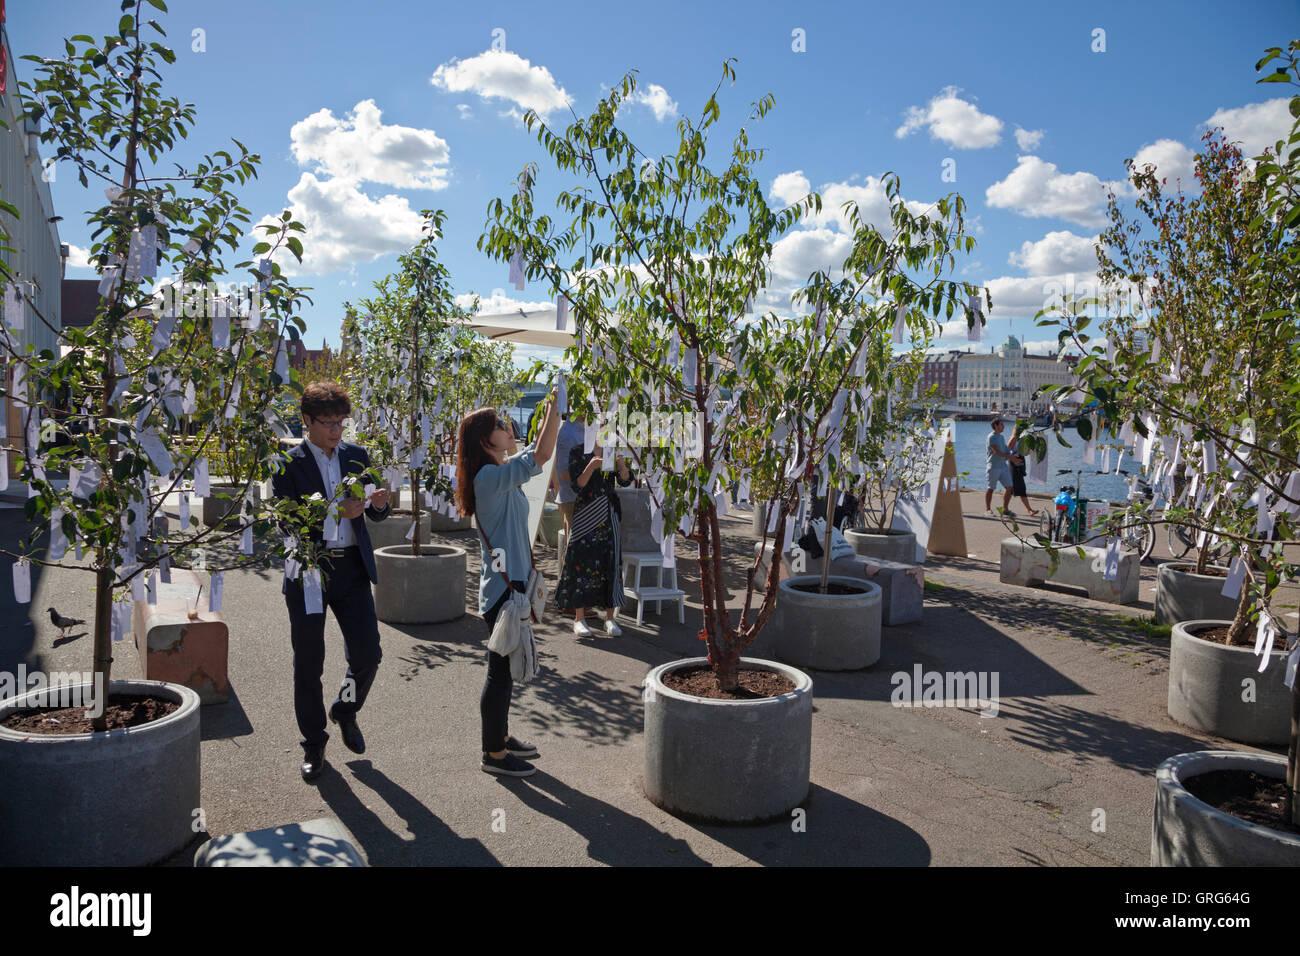 Les touristes à souhaits de lecture Arbre des désirs de Yoko Ono jardin à l'extérieur de l'entrepôt sur Papirøen, île de papier. Contemporain de Copenhague. Banque D'Images